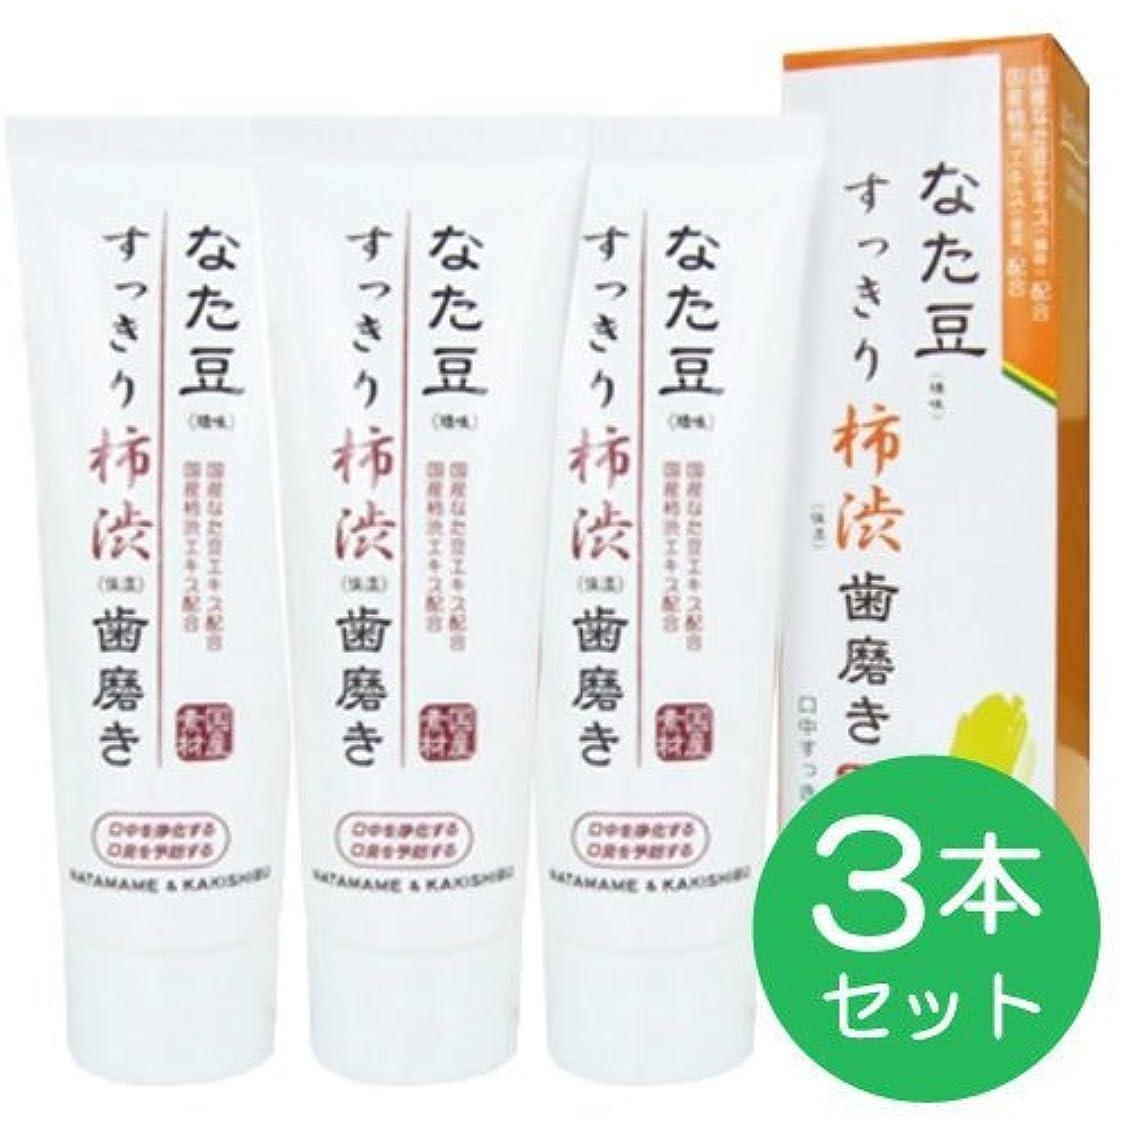 くつろぎ失速カメラなた豆すっきり柿渋歯磨き粉 (3個)